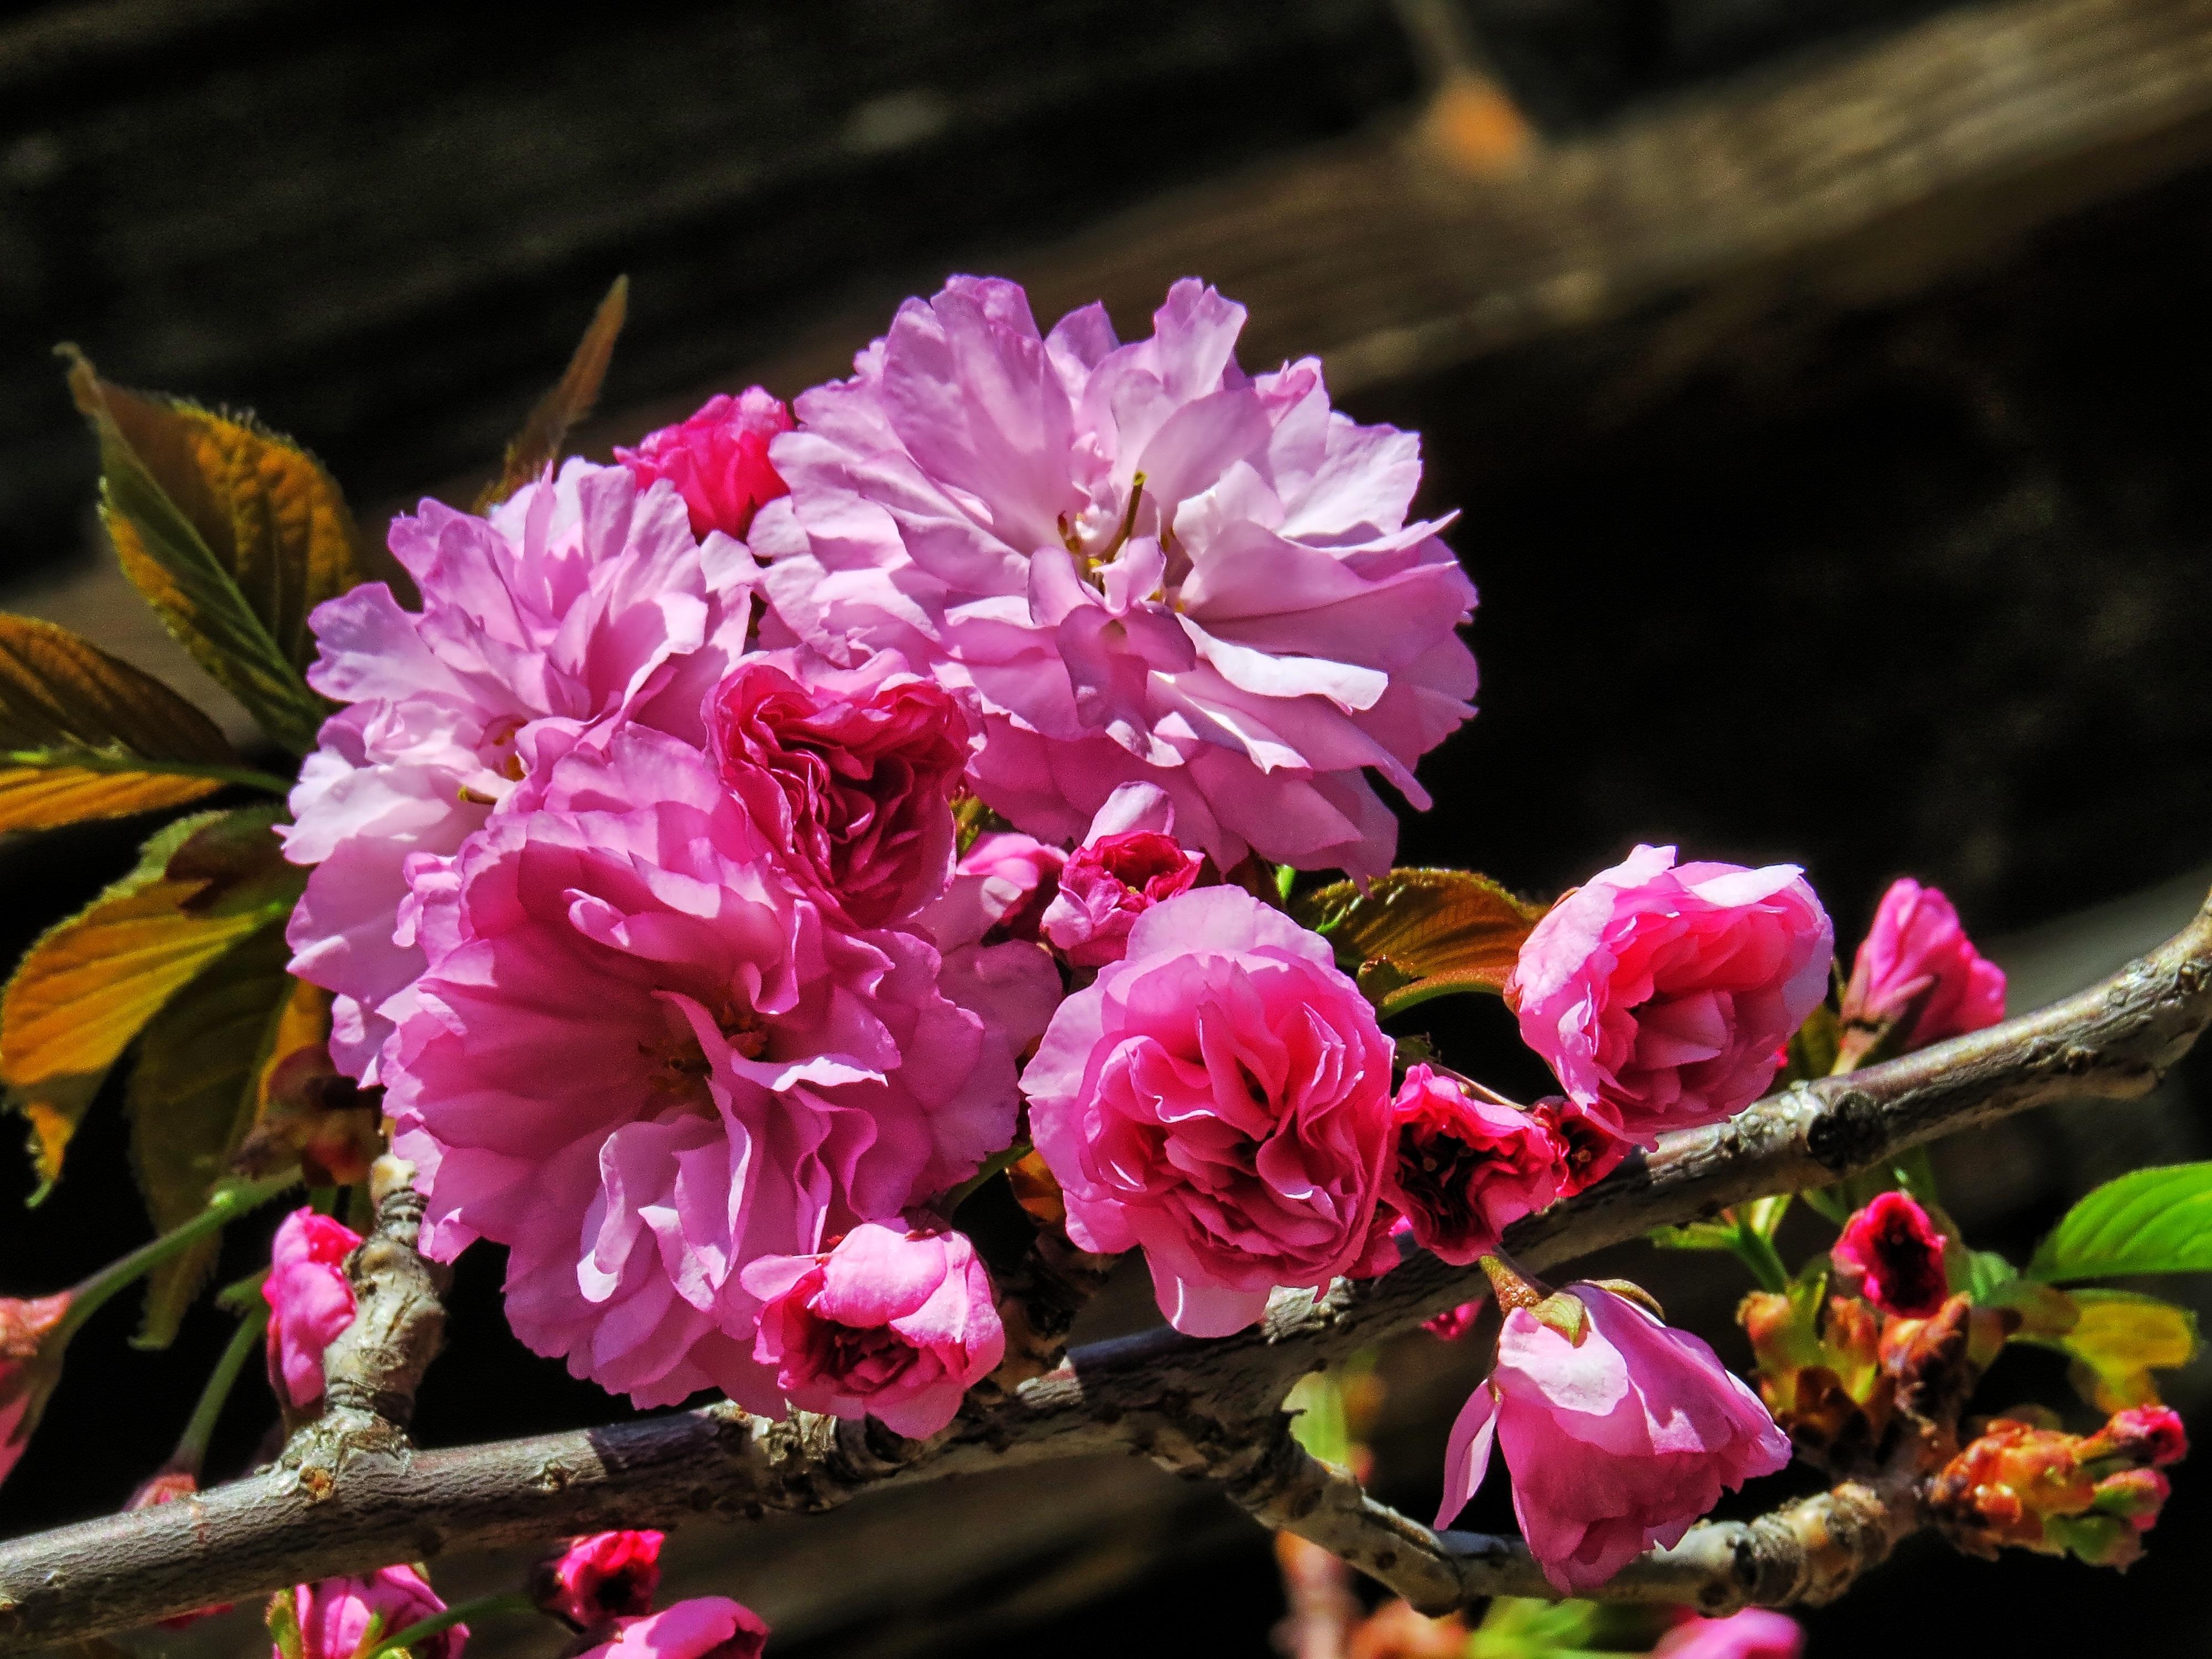 gambar pohon alam cabang mekar menanam daun bunga berkembang musim semi botani berwarna merah muda flora bunga sakura belukar budidaya bunga